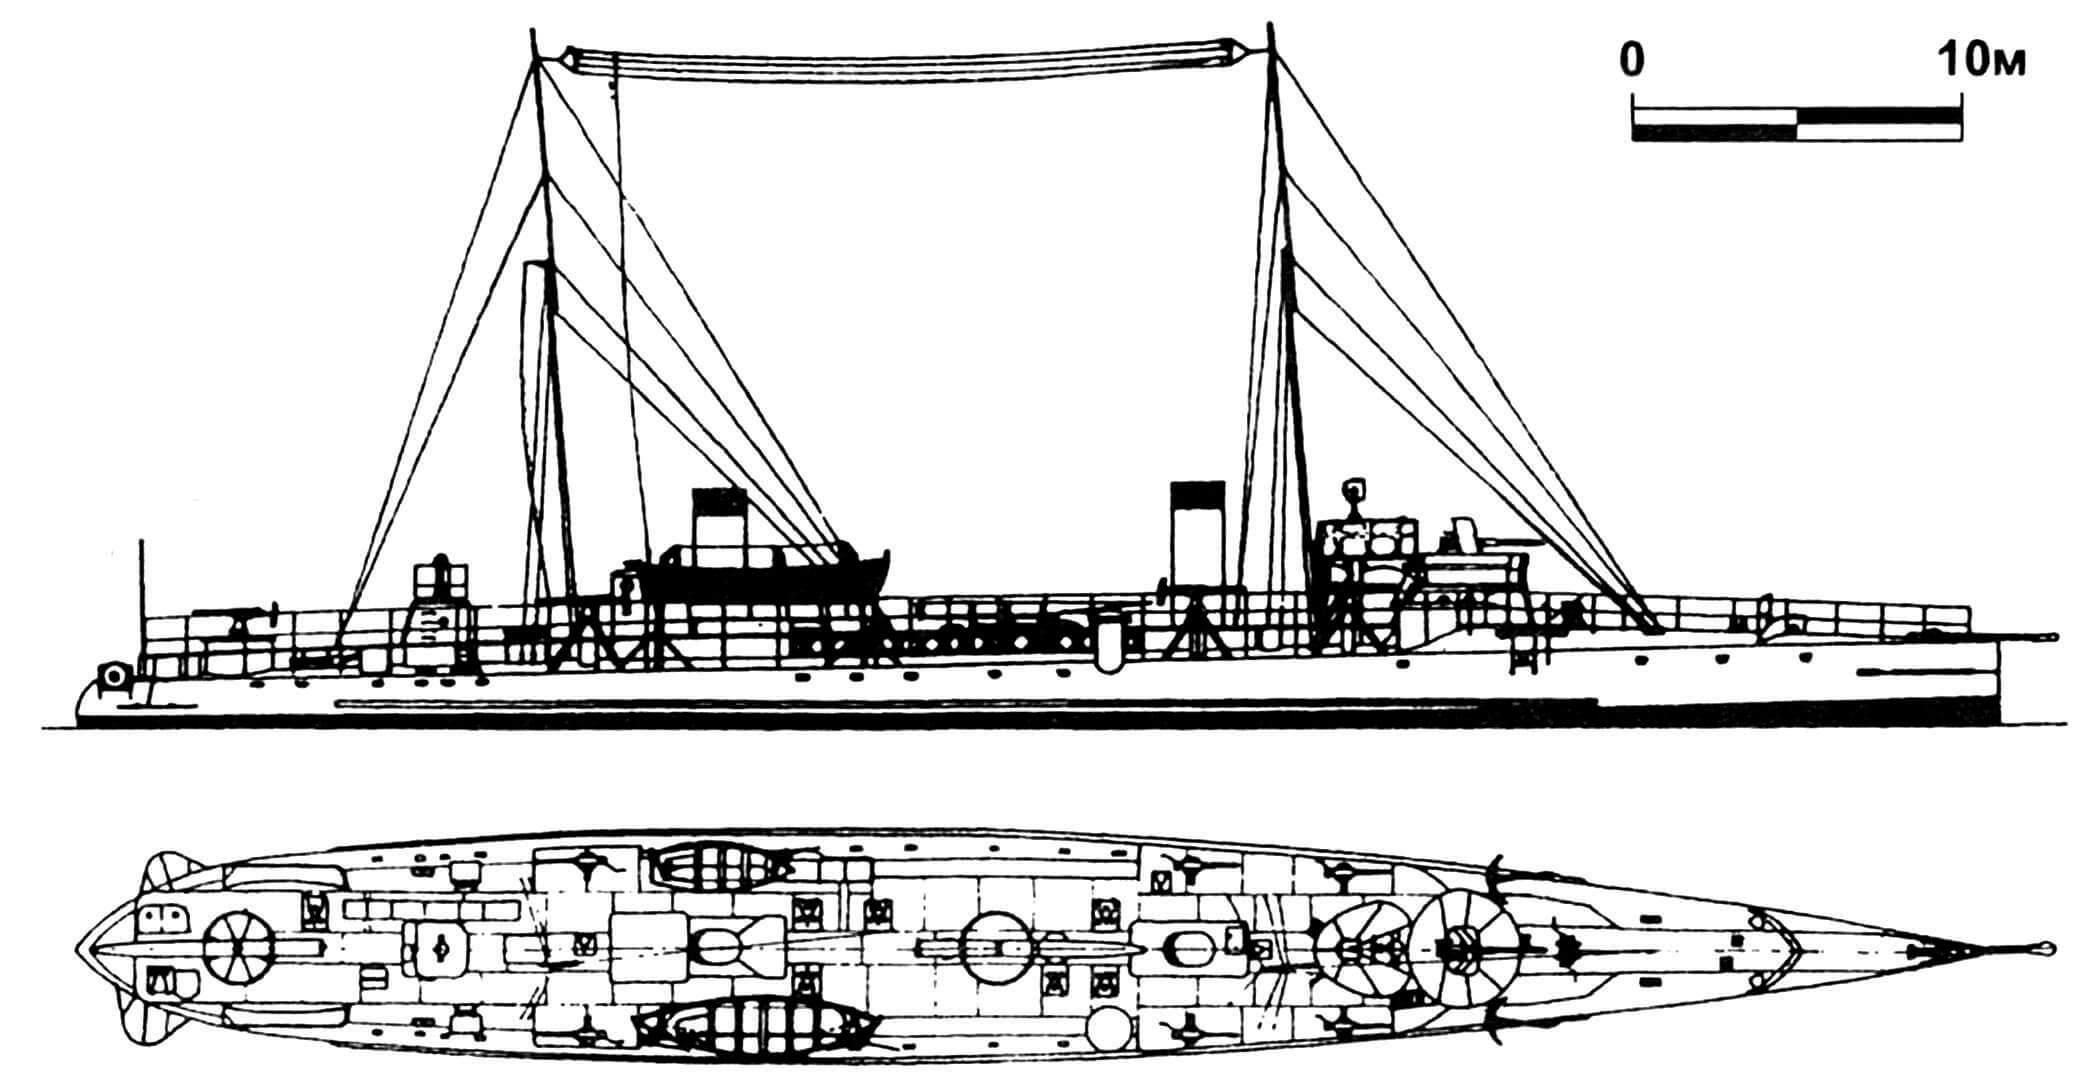 159. Эскадренный миноносец «Самсун», Турция, 1907 г. Строился во Франции фирмой «Шантье э Ателье де ля Жиронд». Водоизмещение нормальное 284 т. Длина наибольшая 58,2 м, ширина 6,3 м, осадка 2,8 м. Мощность двухвальной паросиловой установки 6000 л.с., скорость 28 узлов. Вооружение: одно 65-мм и шесть 47-мм орудий, два торпедных аппарата. Всего в 1906—1907 годах построено четыре единицы: «Самсун», «Ярхисар», «Ташоз» и «Басра». «Ярхисар» потоплен в 1915 г. английской подводной лодкой Е-11, остальные пережили Вторую мировую войну и были сданы на слом в 1949 г.